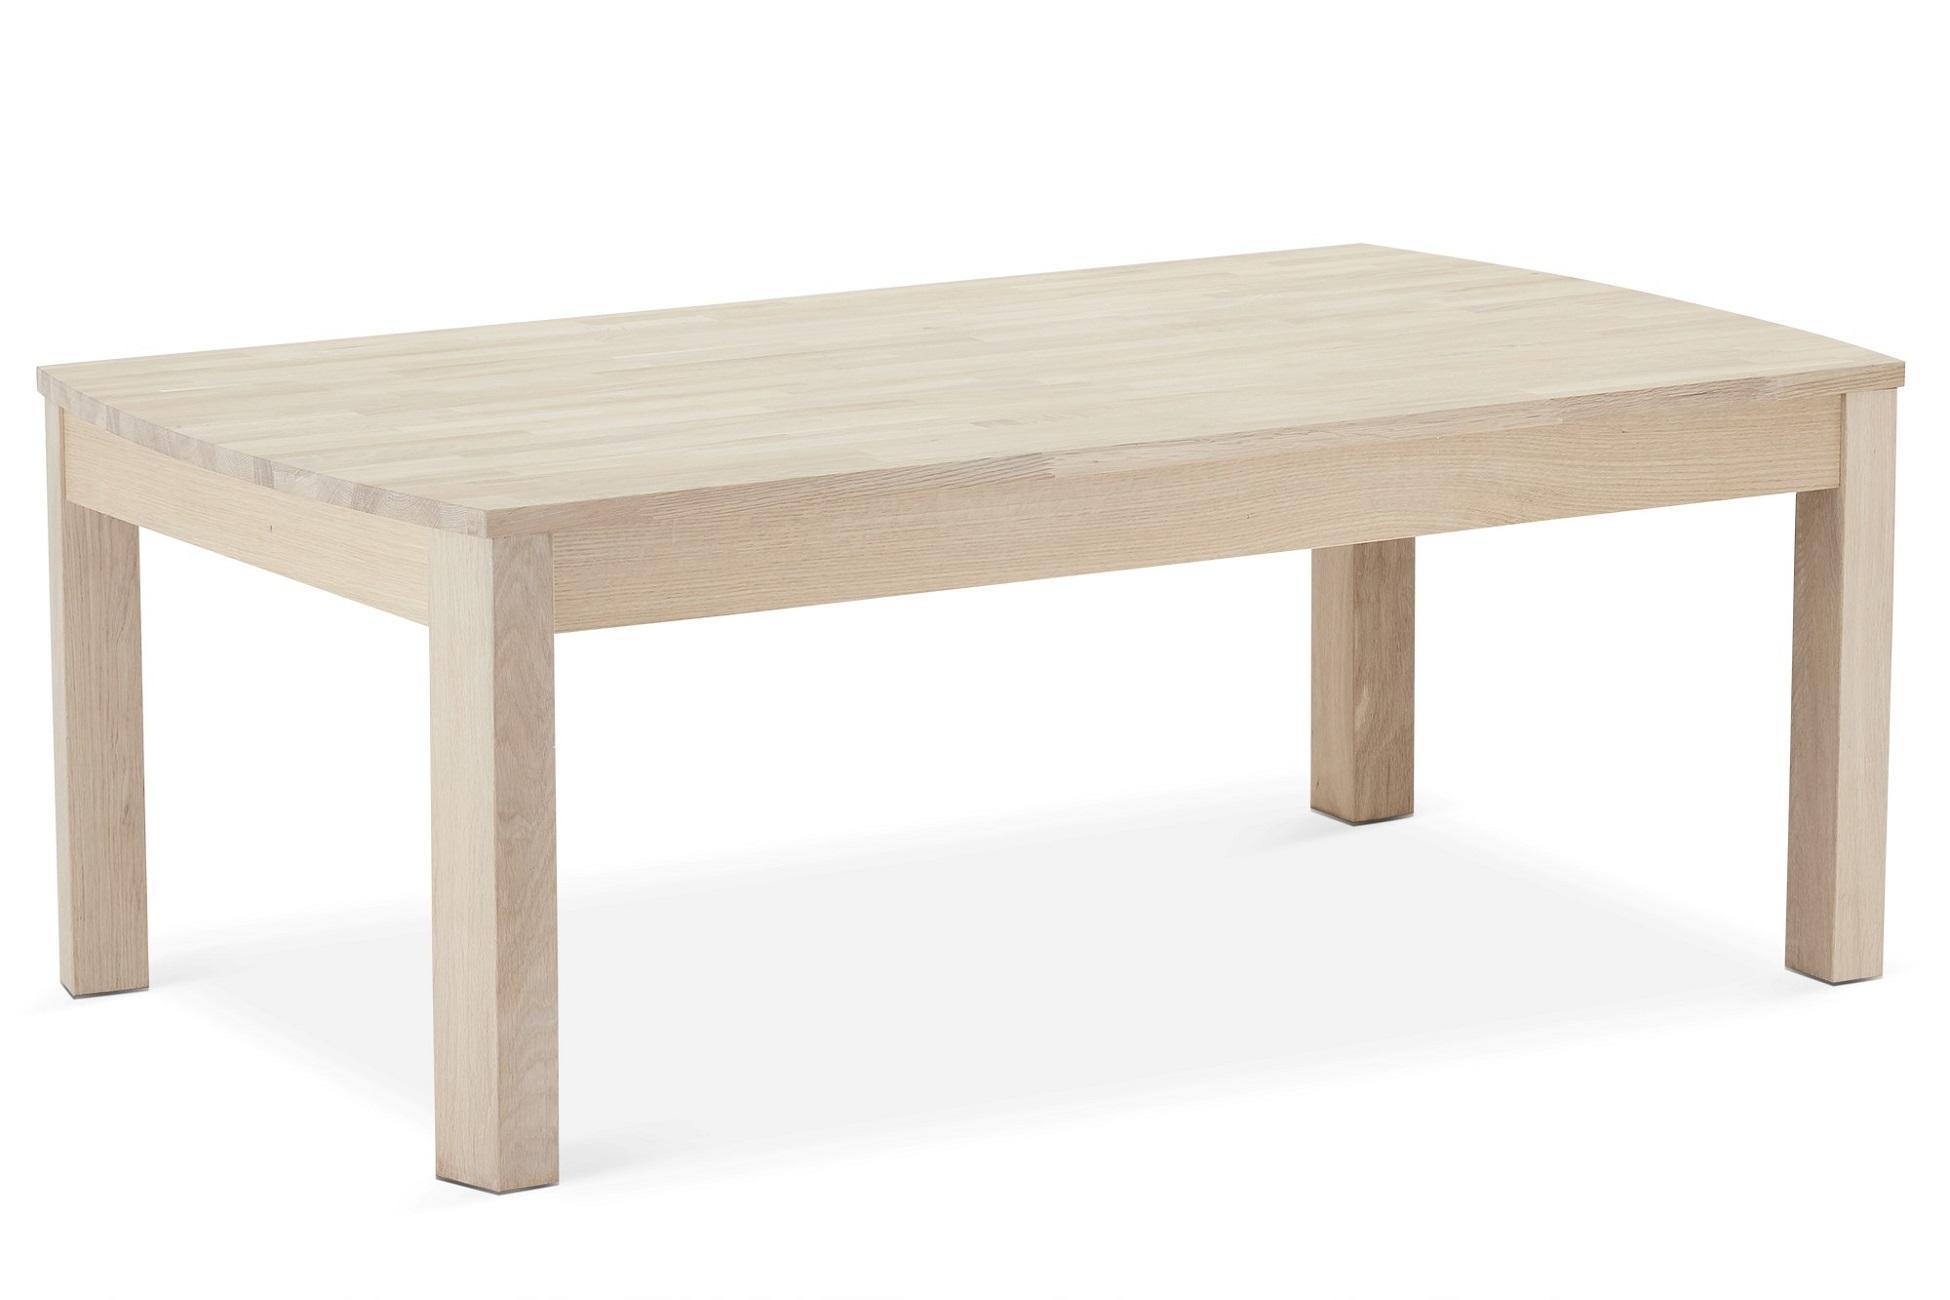 Konferenční stolek Aang, 140 cm